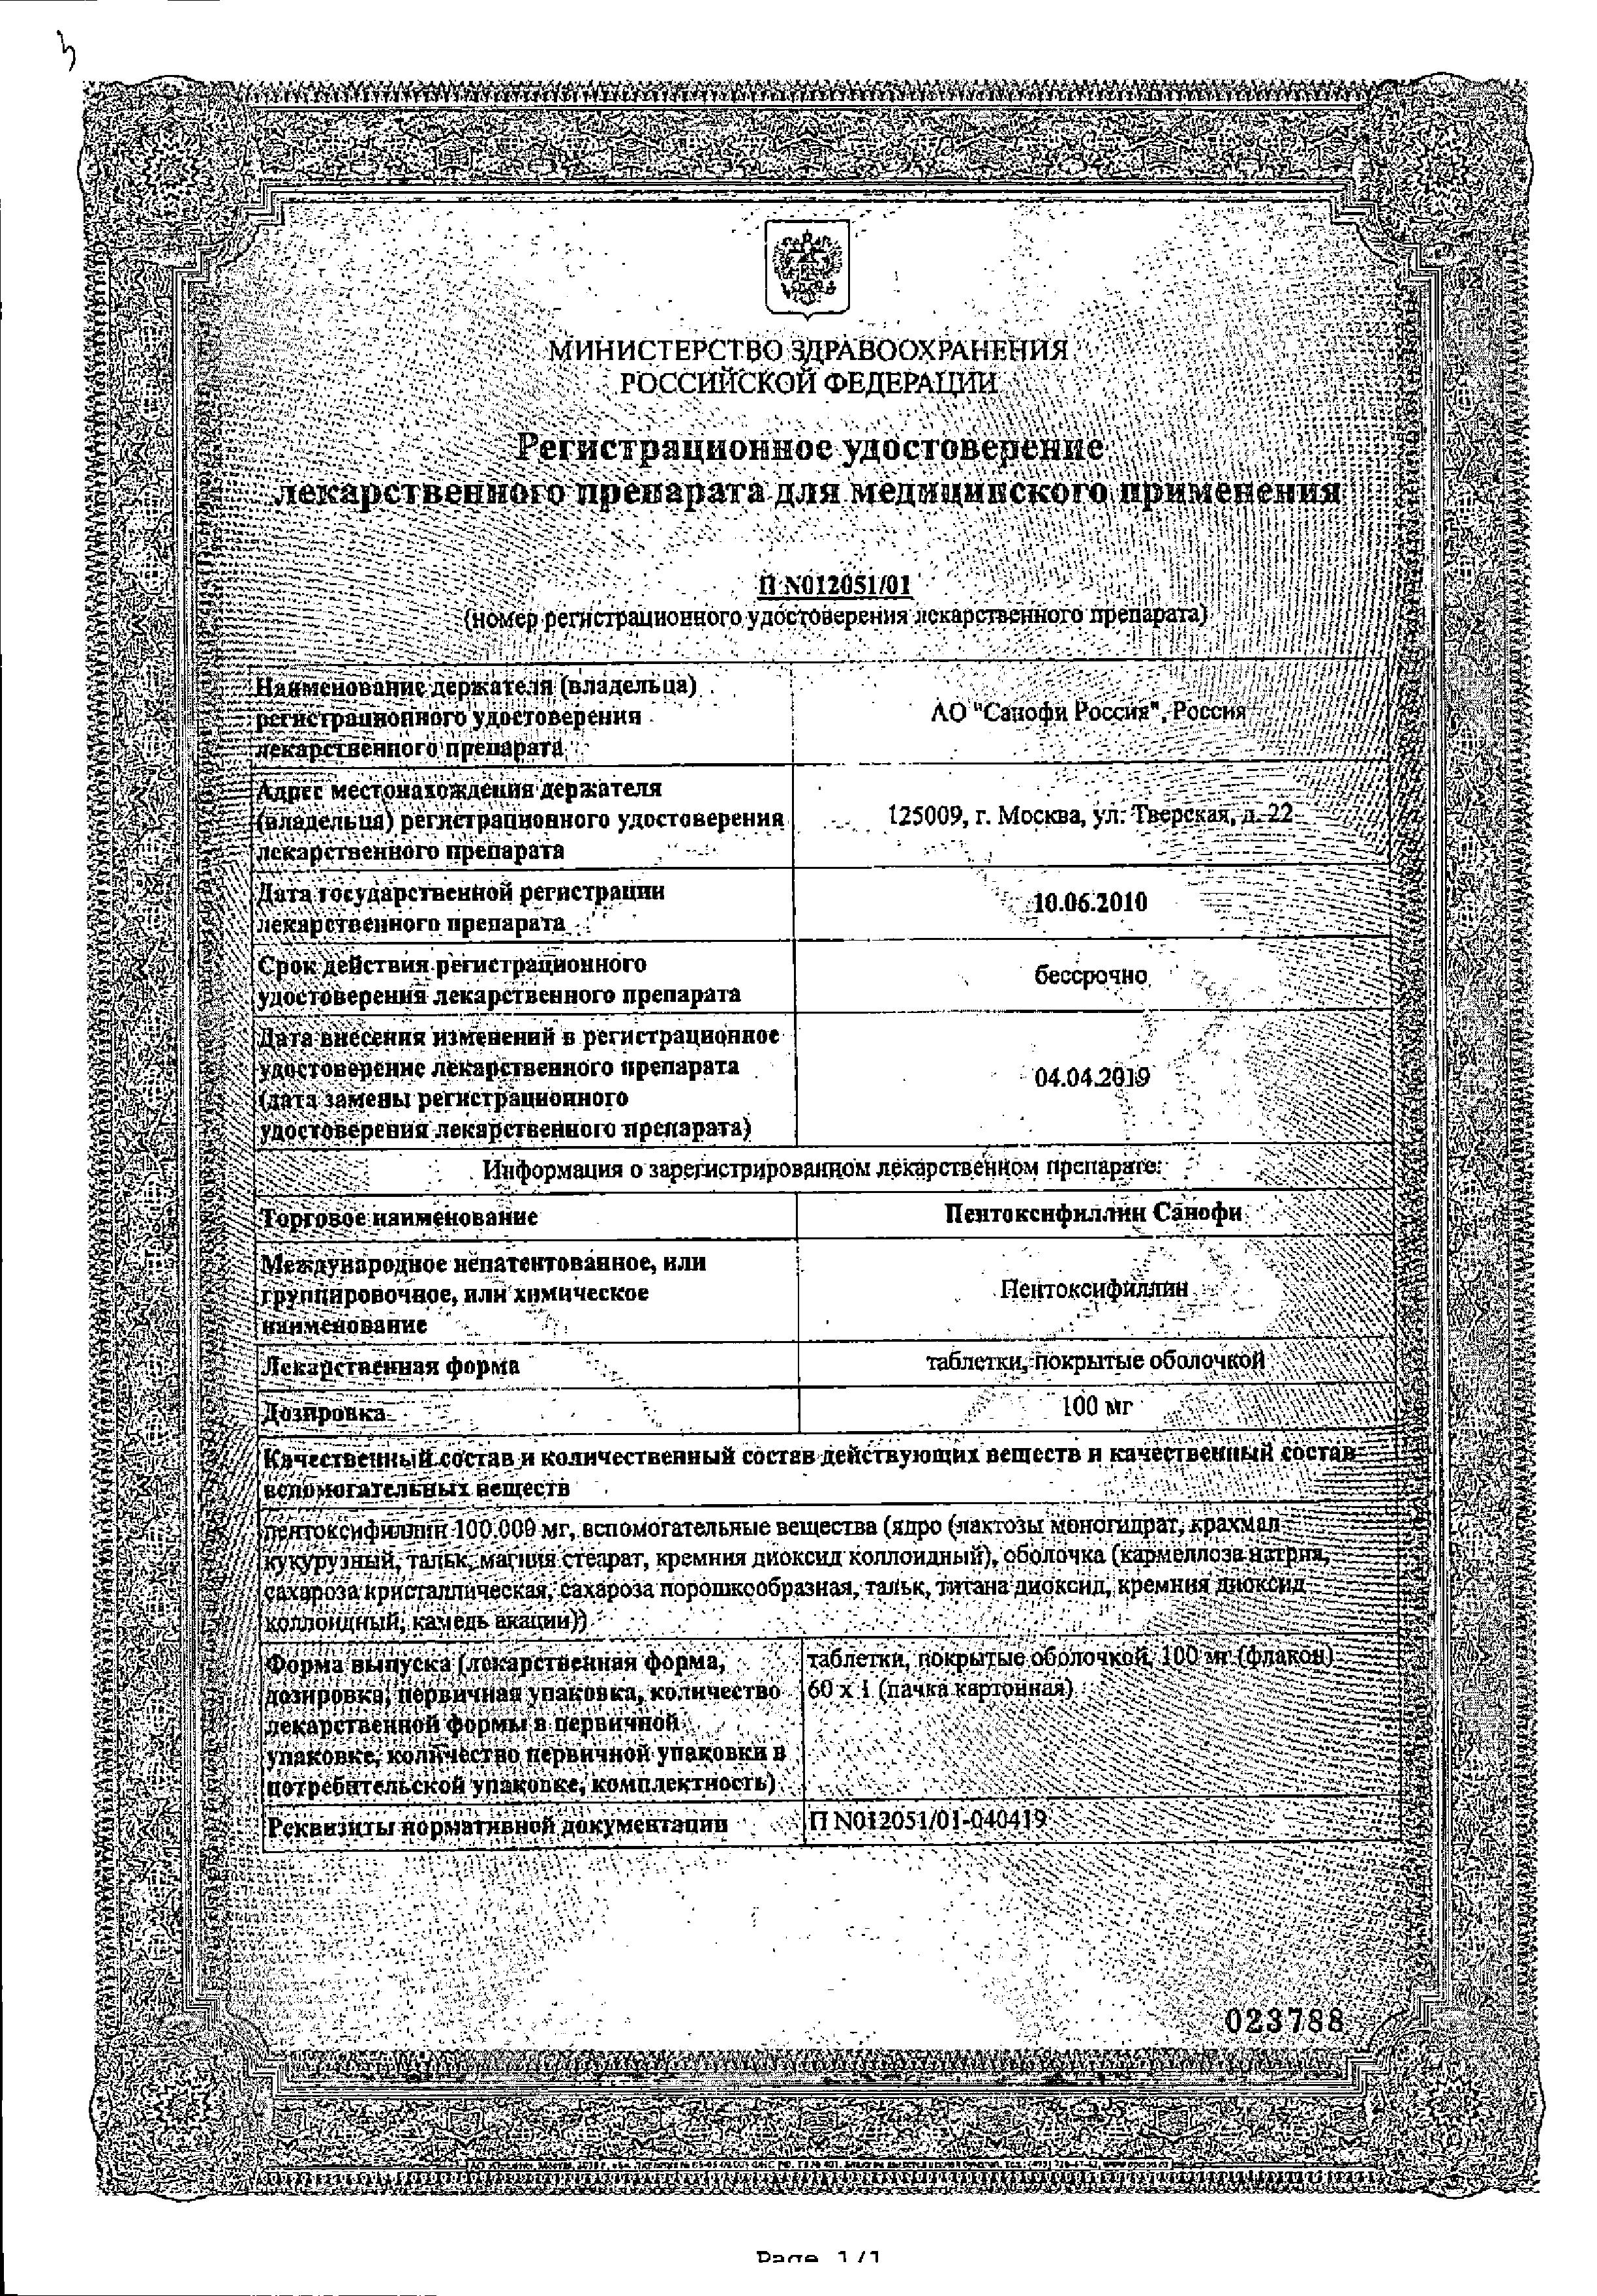 Пентоксифиллин Зентива сертификат